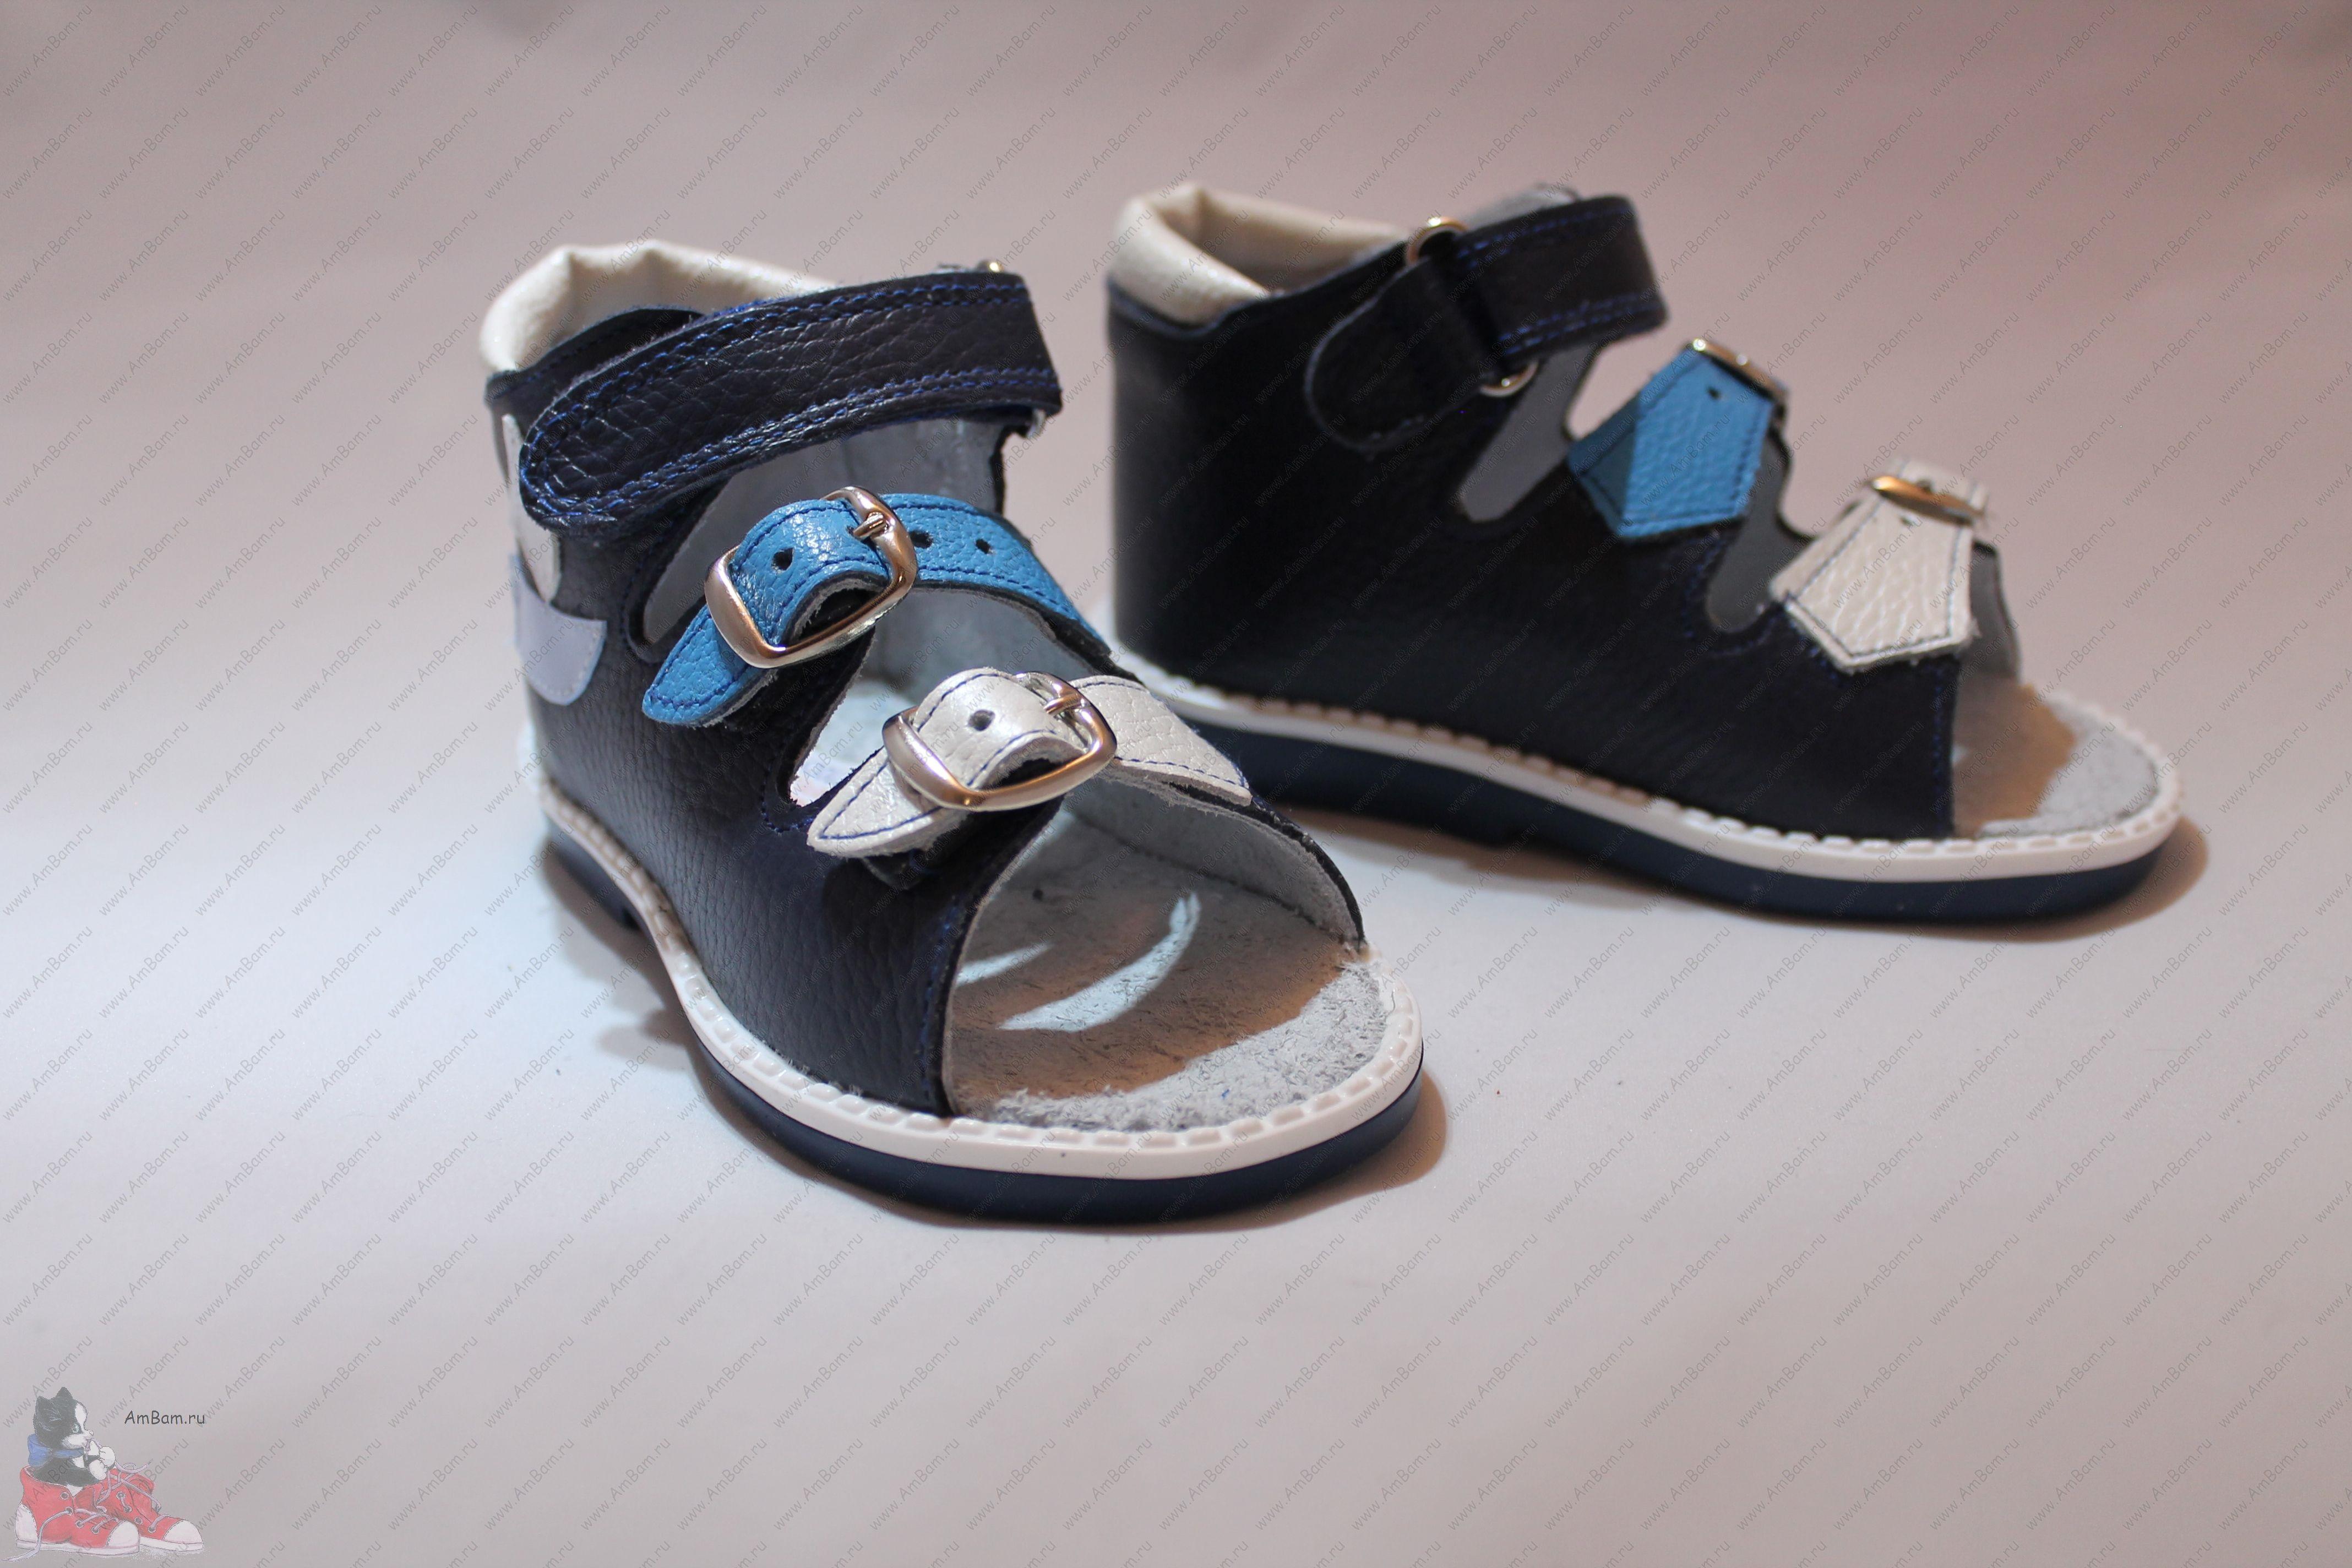 Сбор заказов. Детская Богородская обувь, напрямую с фабрики. Готовимся к лету - сейчас хорошее наличие: Орто-сандалии 790 руб,классика от 200 руб (внутри натур кожа+ ортостелька). Без рядов. Успеем до повышения цен! Выкуп 9. СТОП 15 апреля